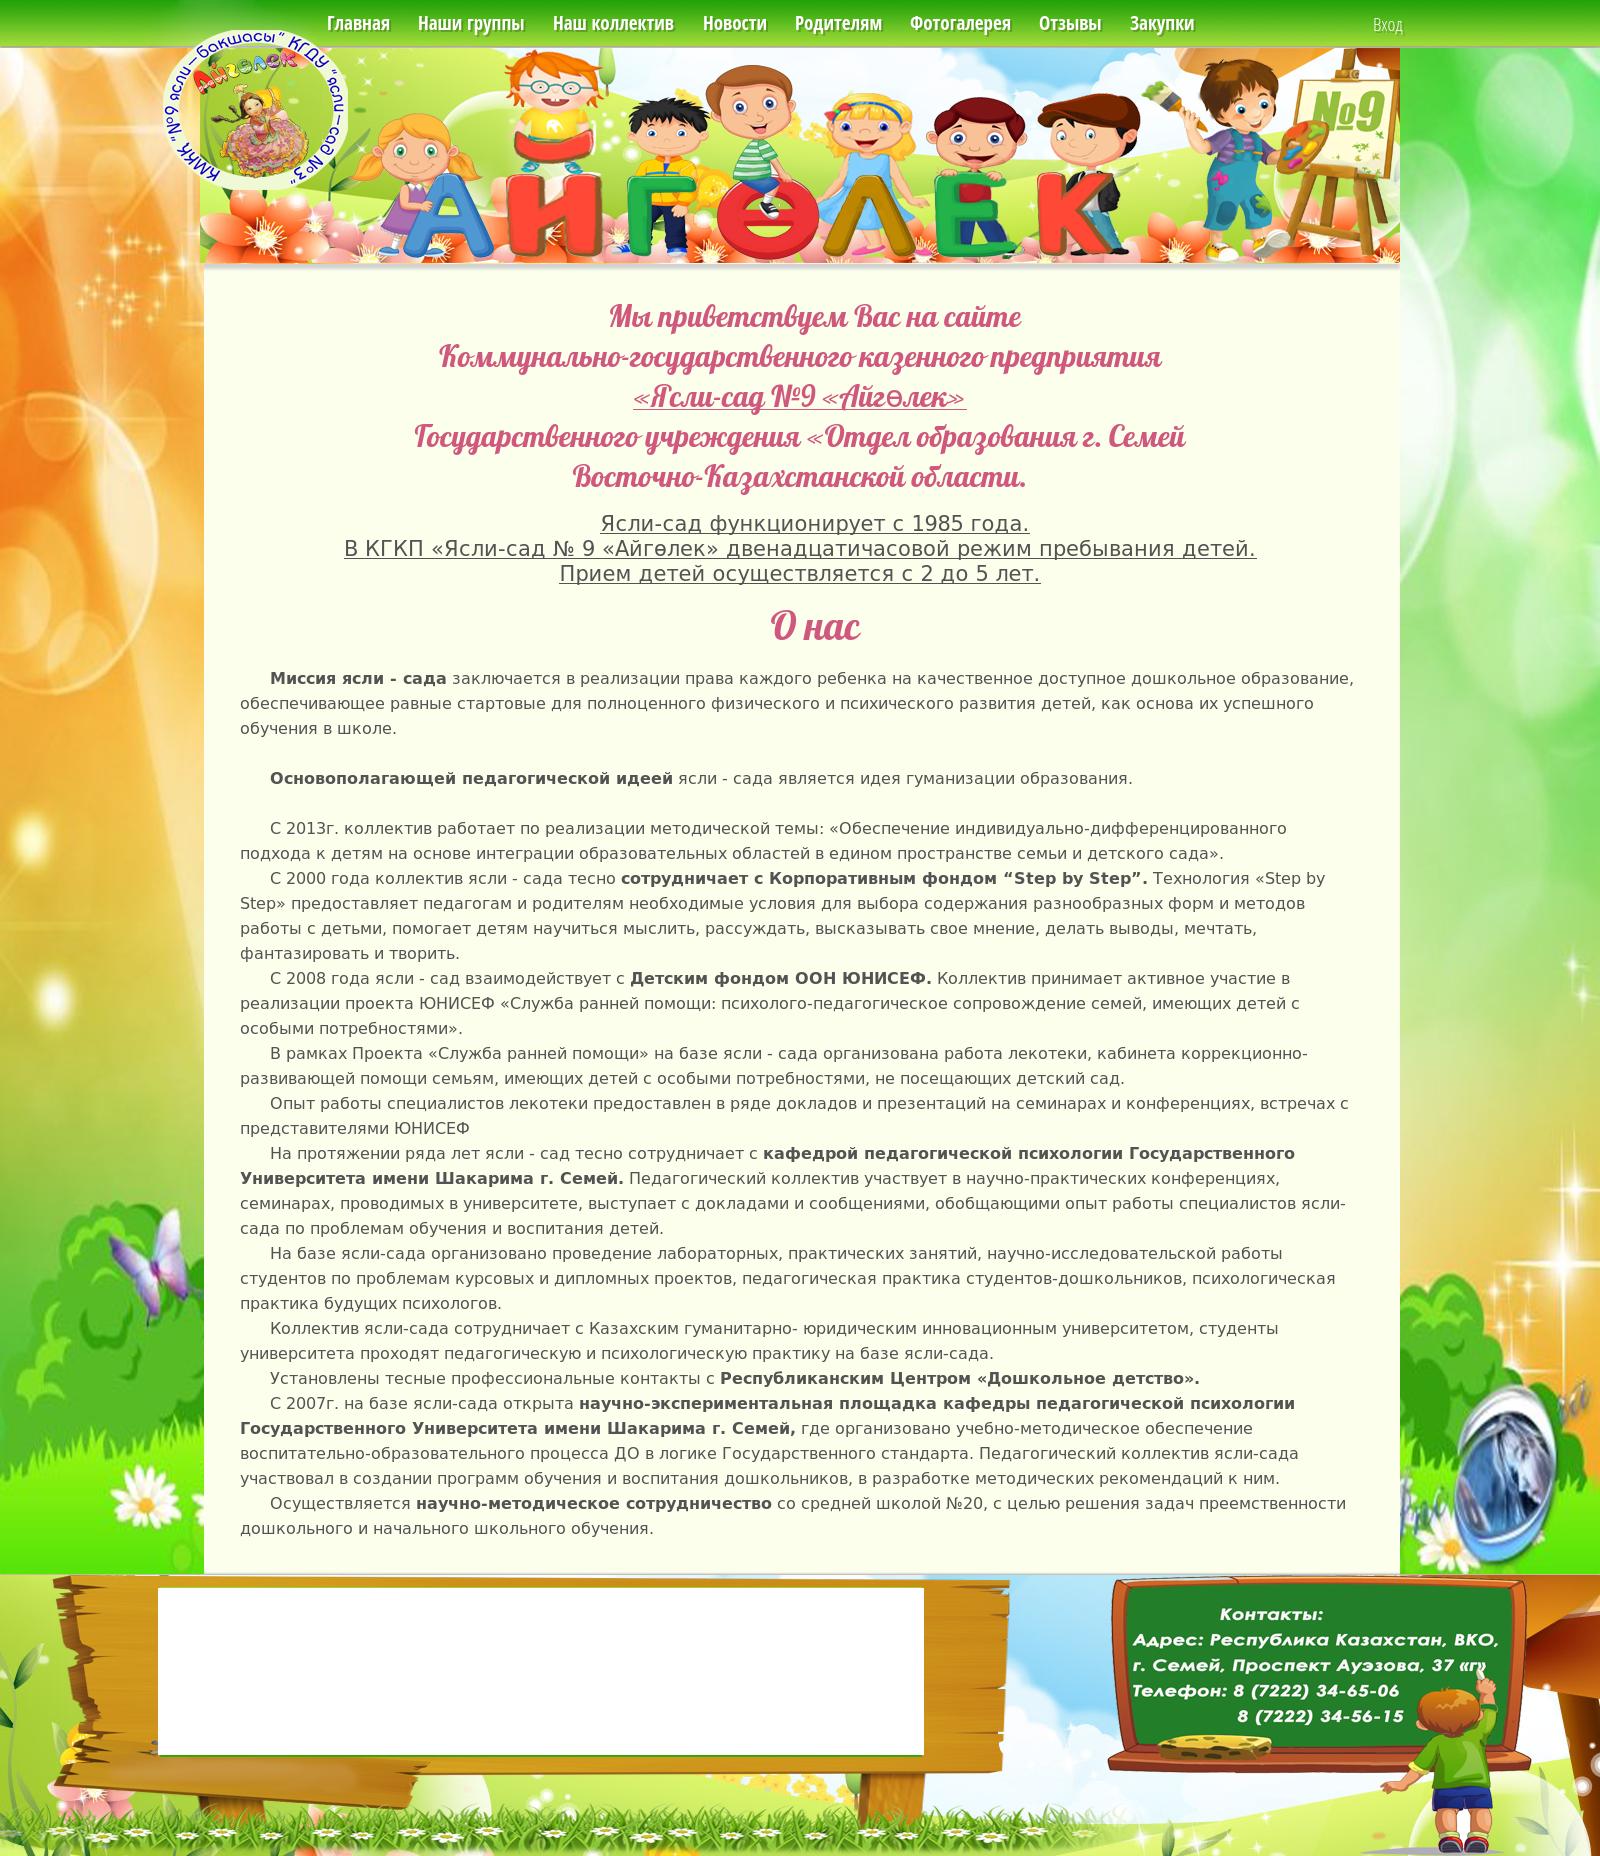 Фото дизайн для сайта детского сада №9